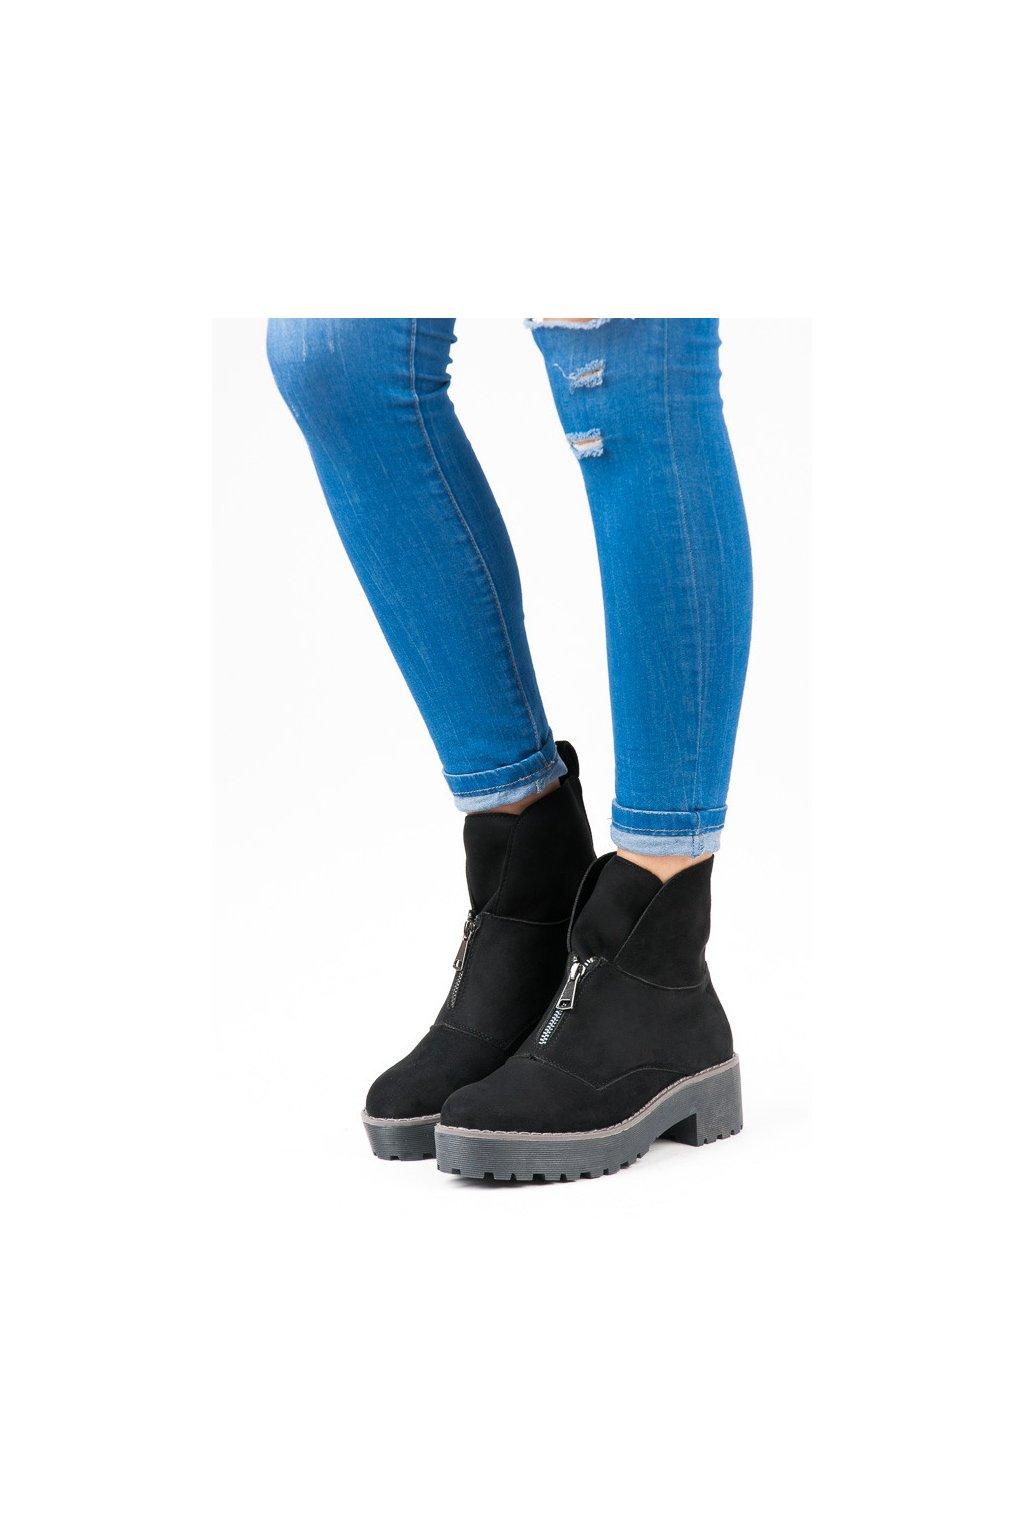 Čierne topánky na hrubej podrážke Vices 8313-1B 5d6f6f819bb